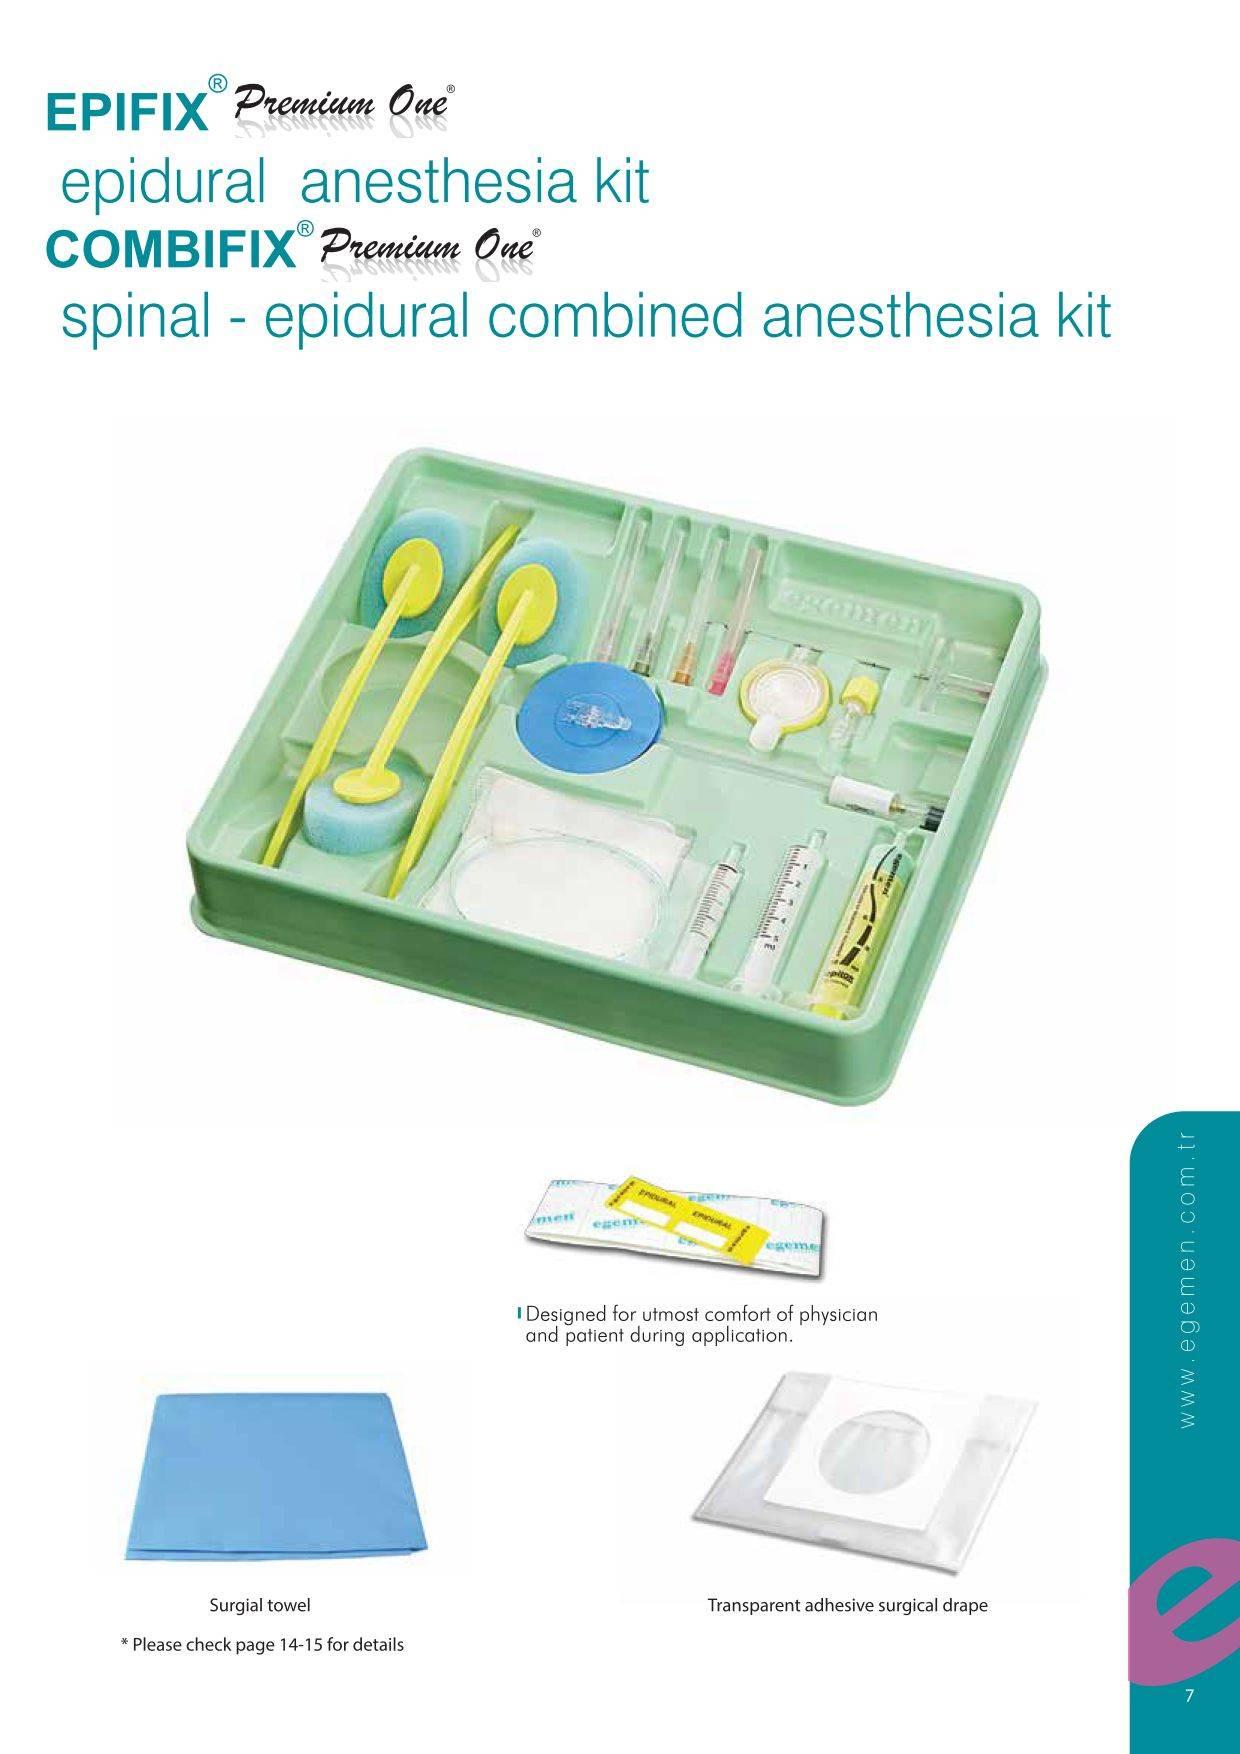 Epifix Premium One Epidural Anesthesia Kit